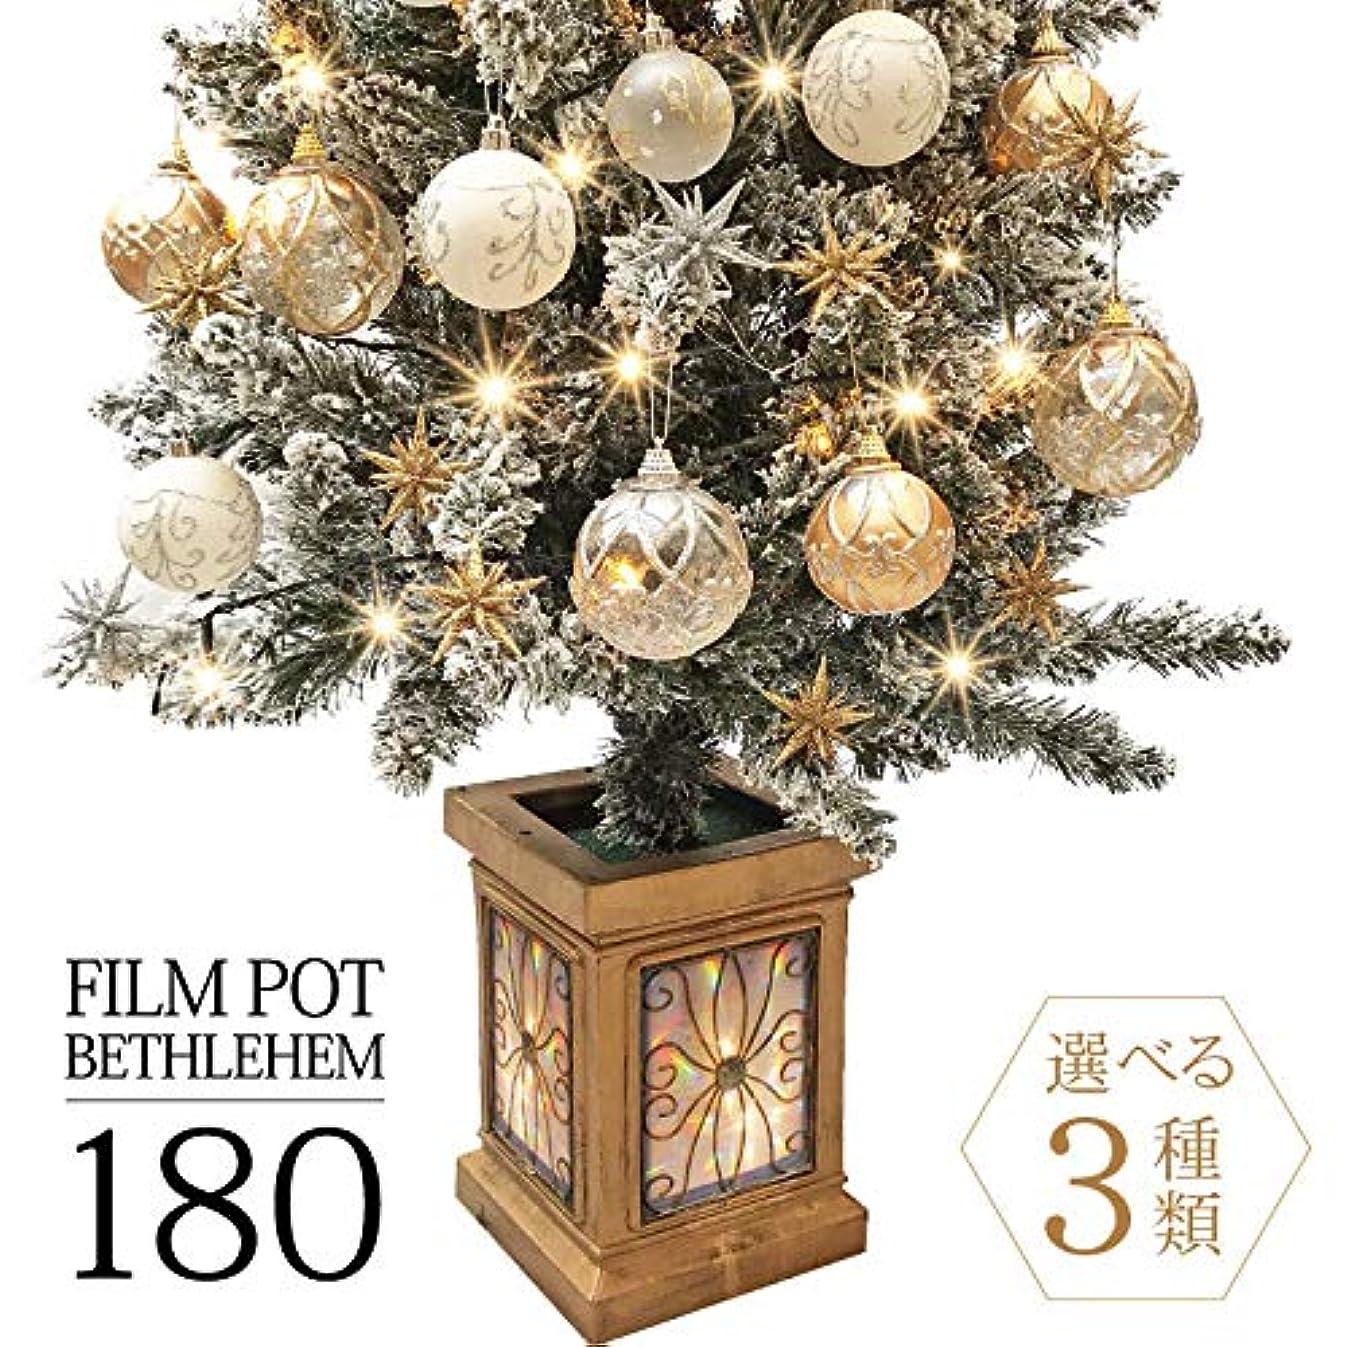 ラップトップずらすモッキンバードクリスマスツリー フィルムポット ベツレヘムの星 ツリーセット180cm(B.スリム)